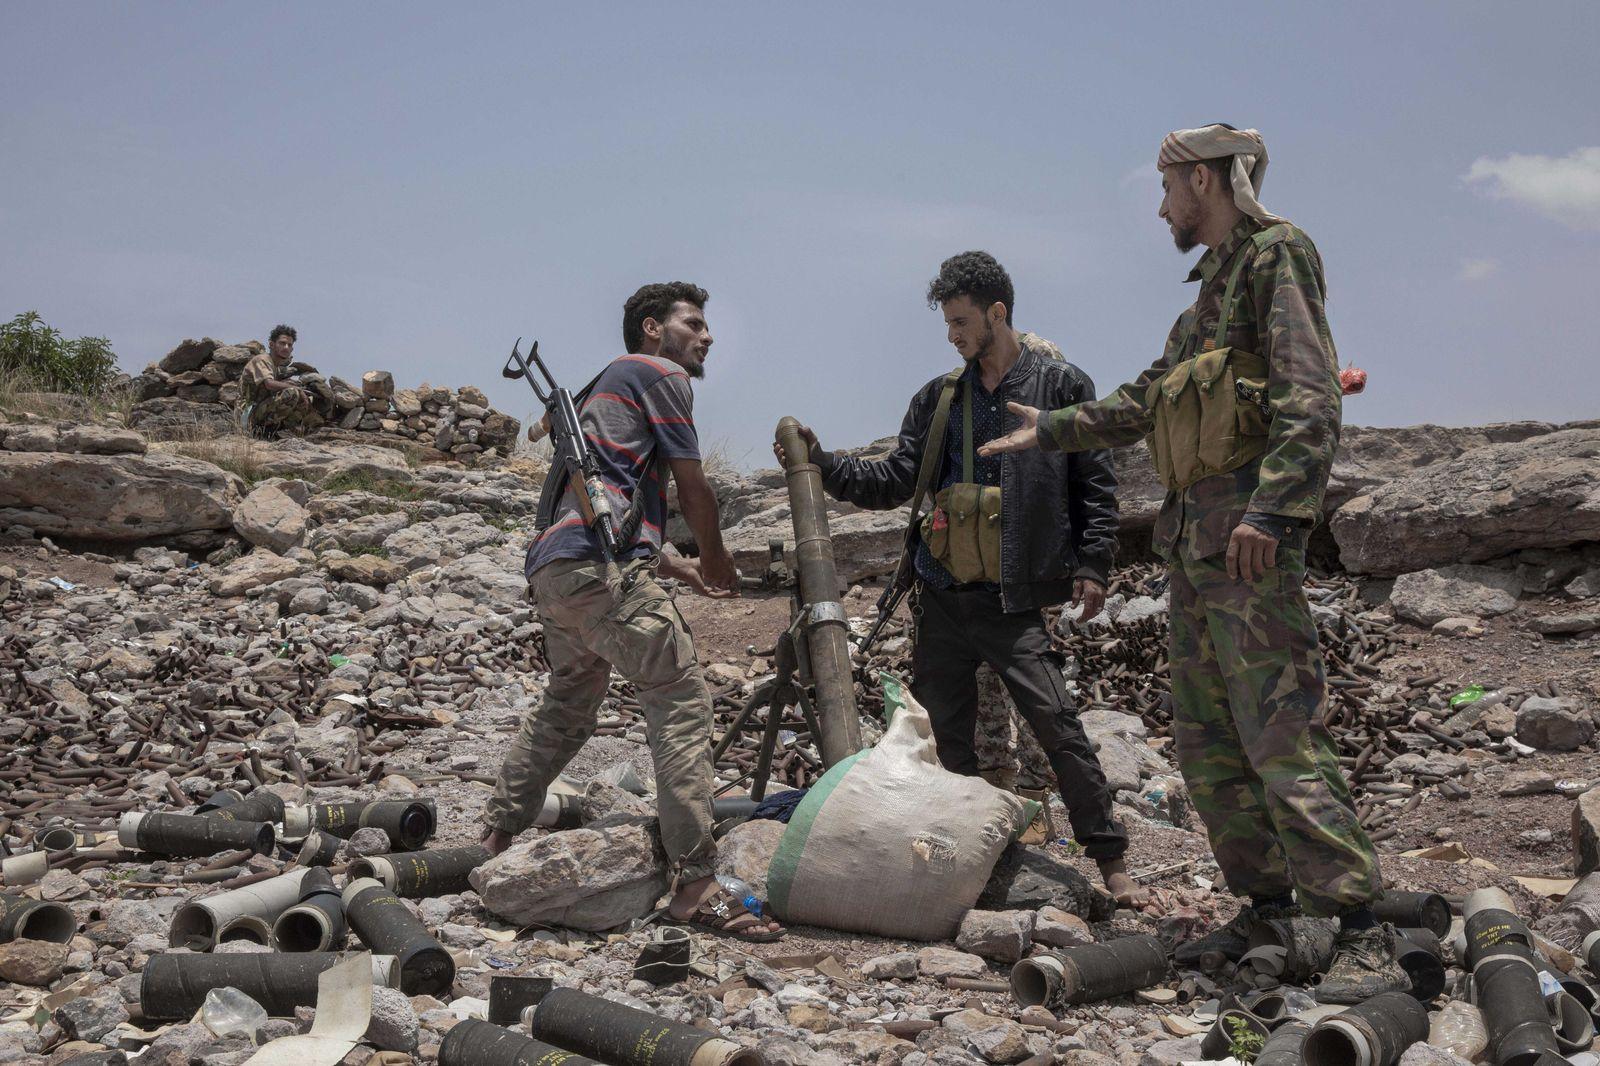 Jemen Krieg 2019/ Mörser